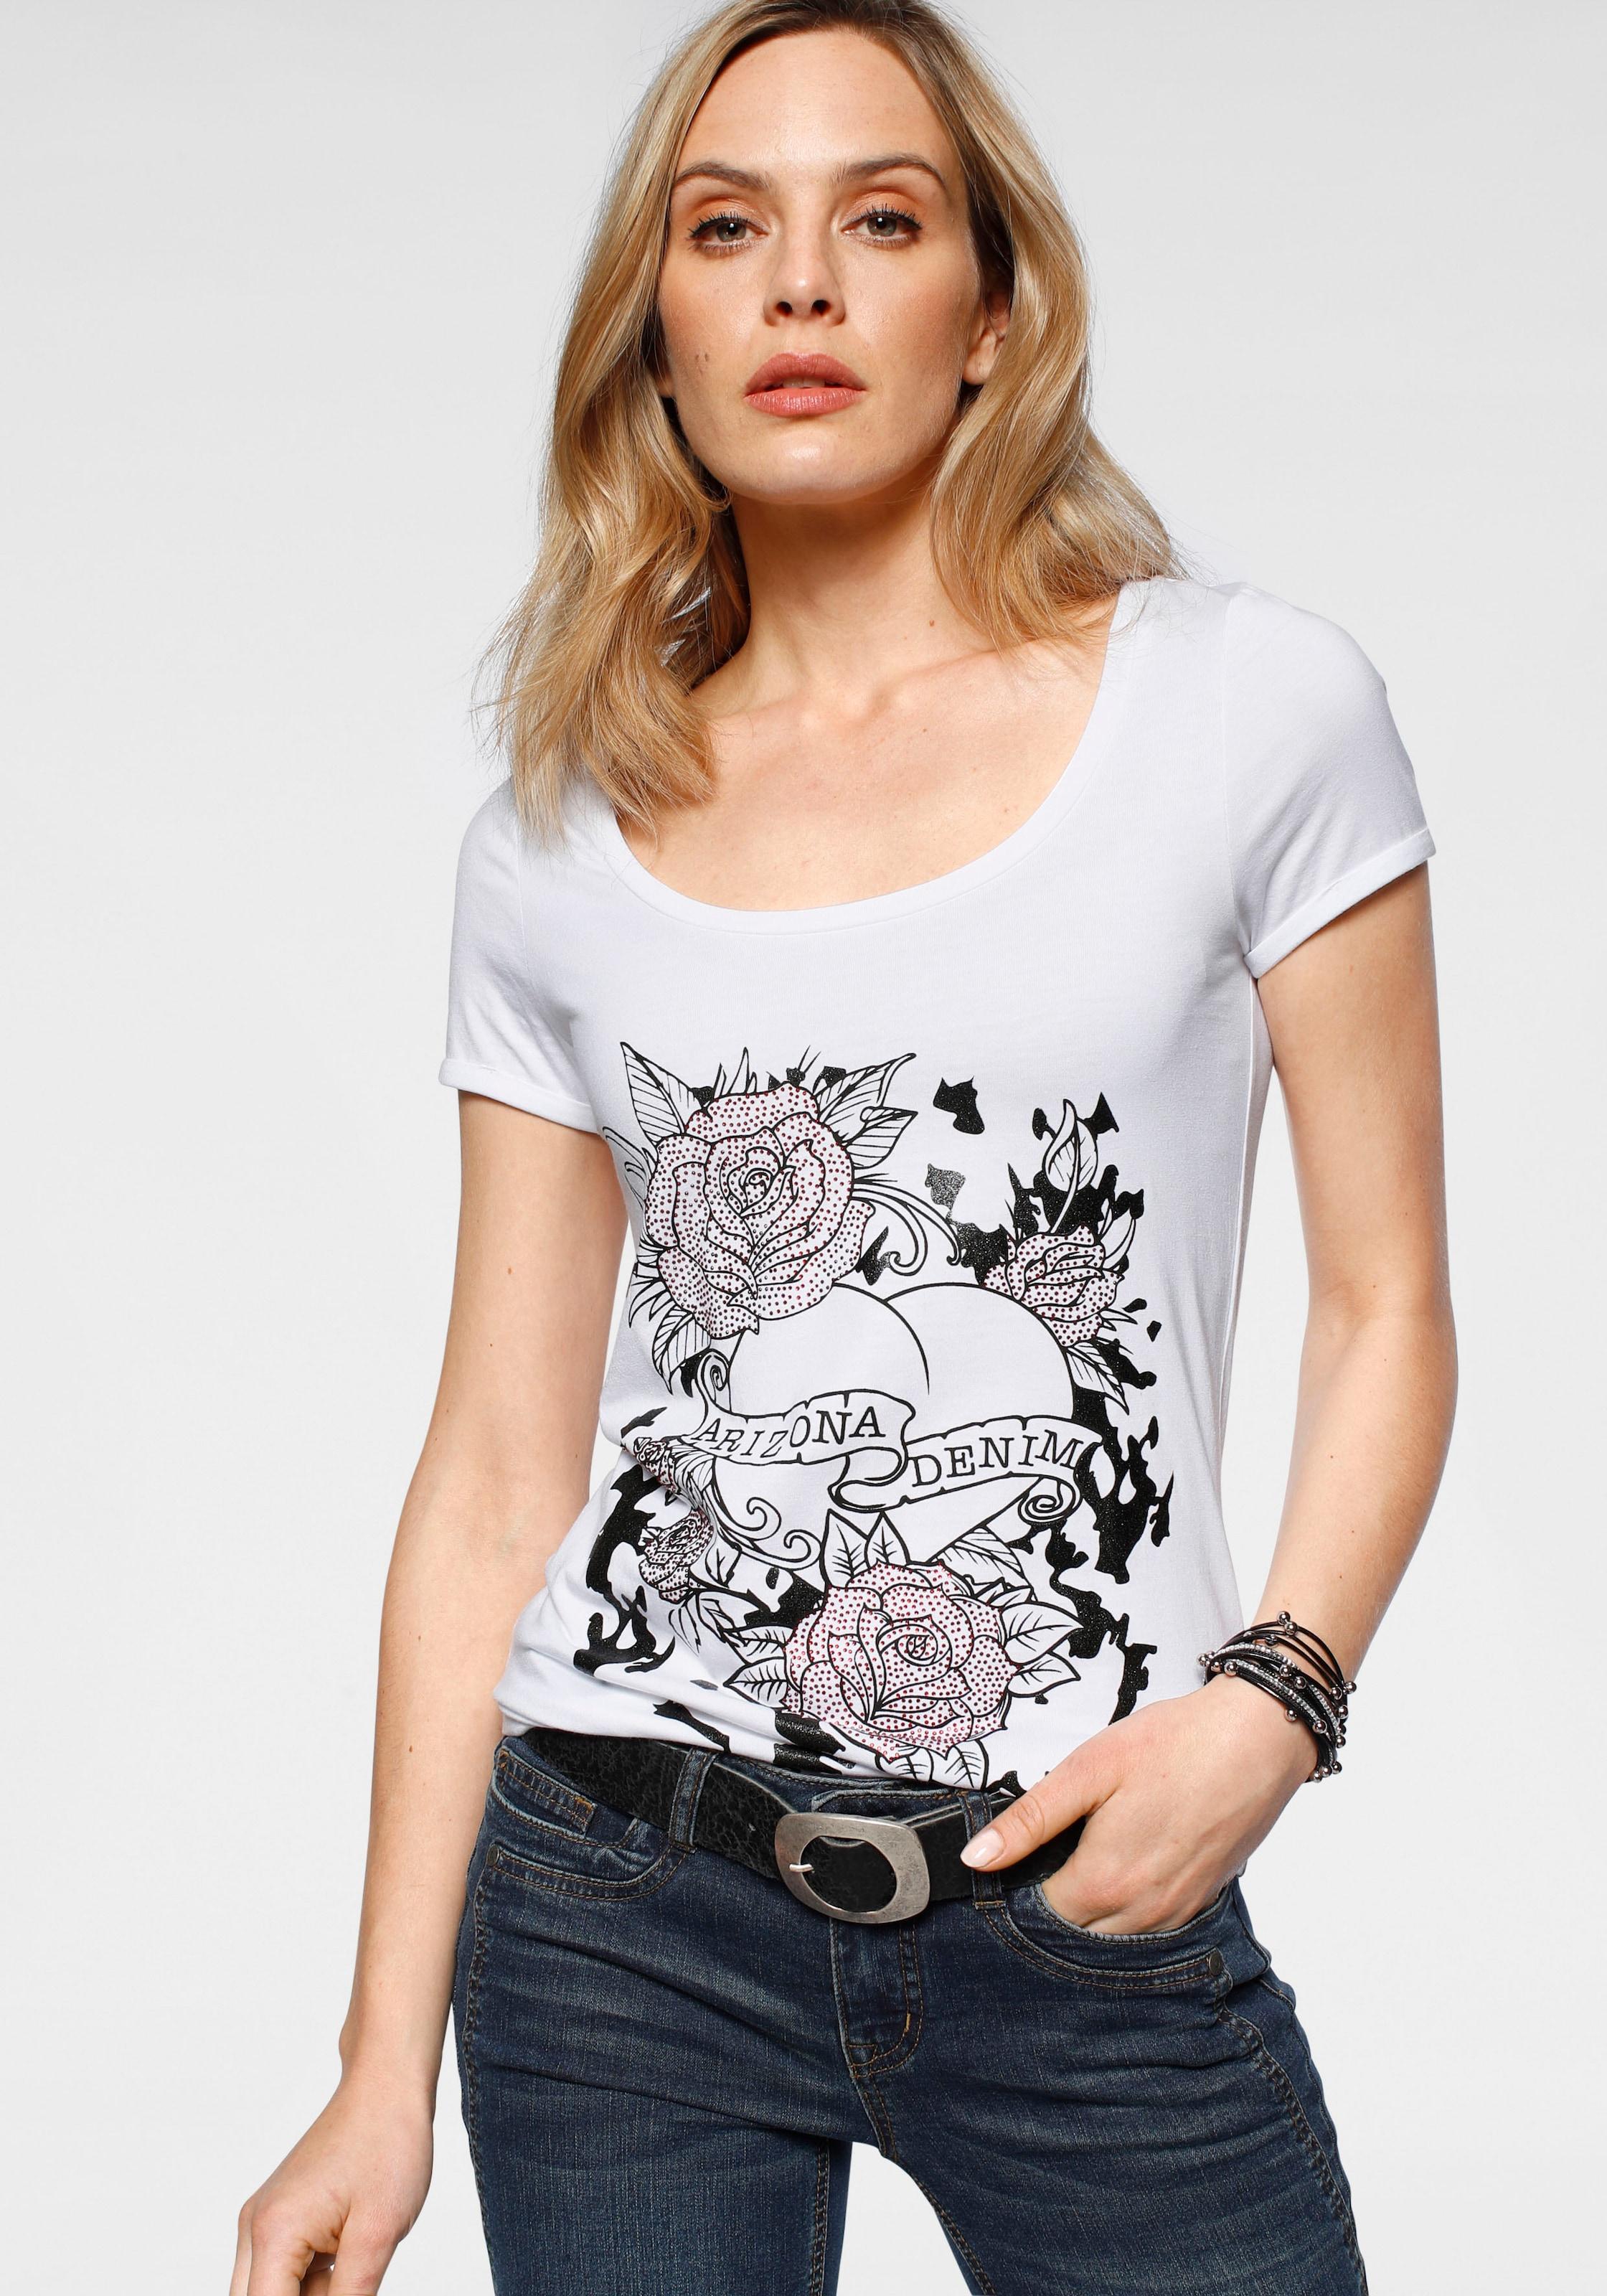 arizona tshirt mit glitzerprint und steinchen Hochwertiges T Shirt von Arizona